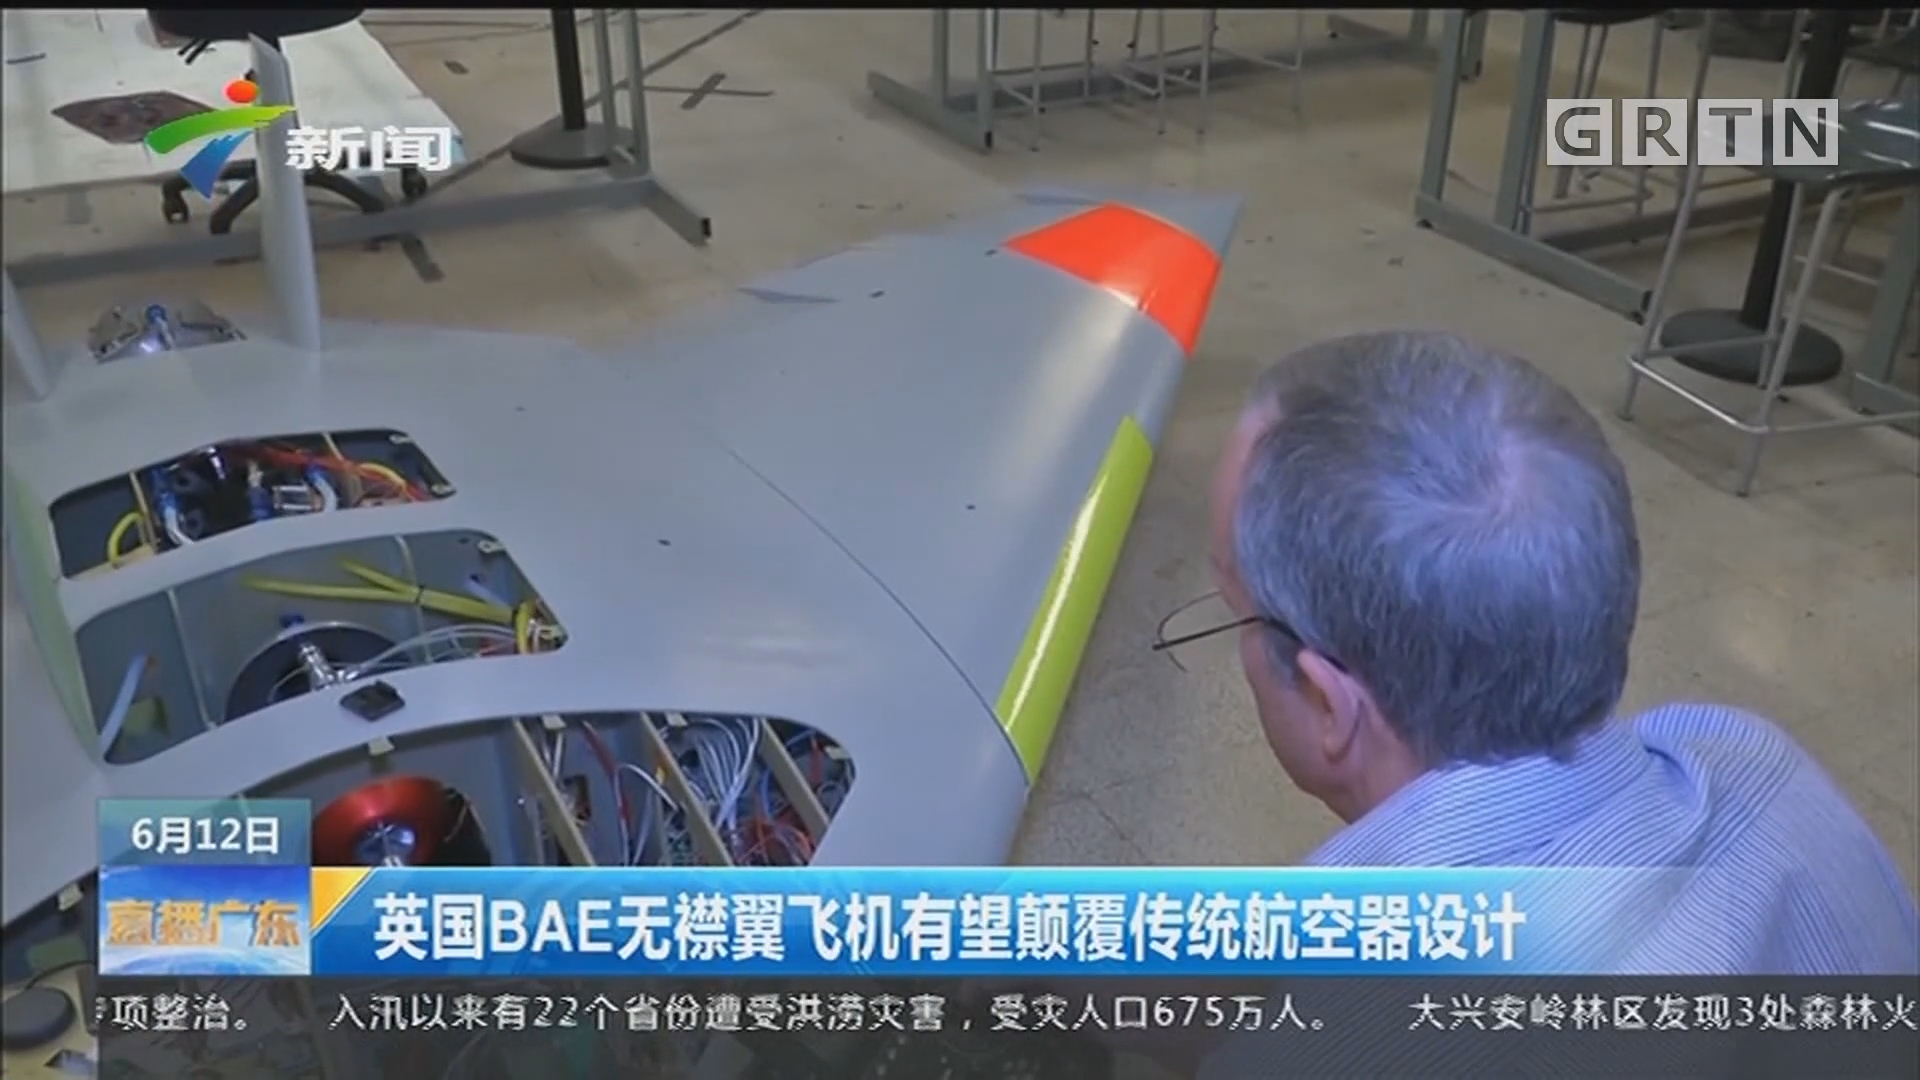 英国BAE无襟翼飞机有望颠覆传统航空器设计